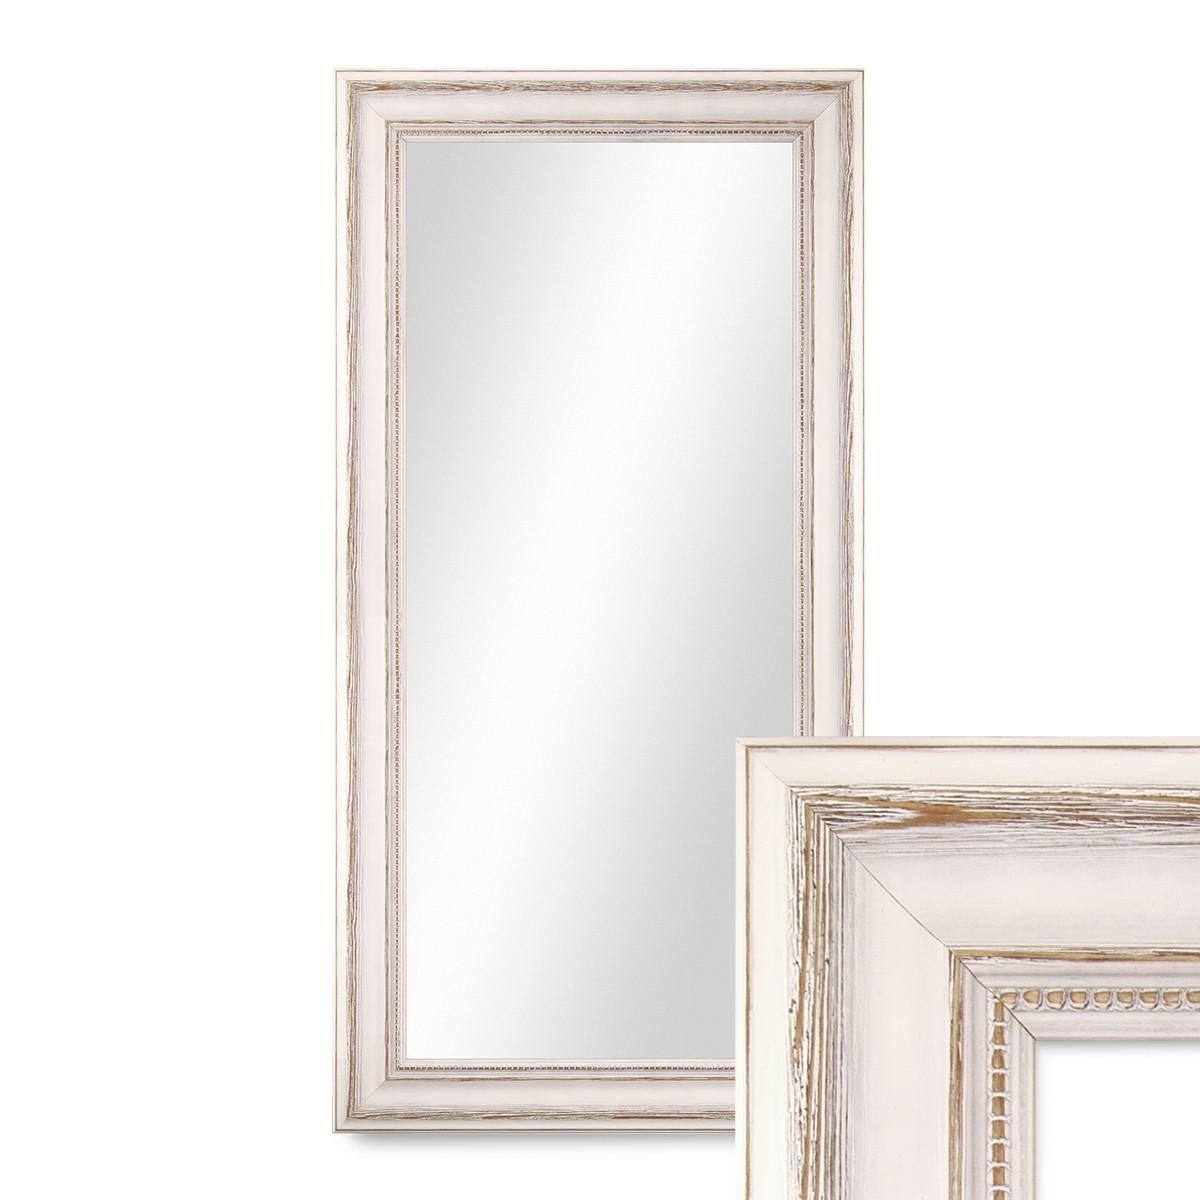 Wand spiegel 40x70 cm im massivholz rahmen landhaus stil for Spiegel 40x70